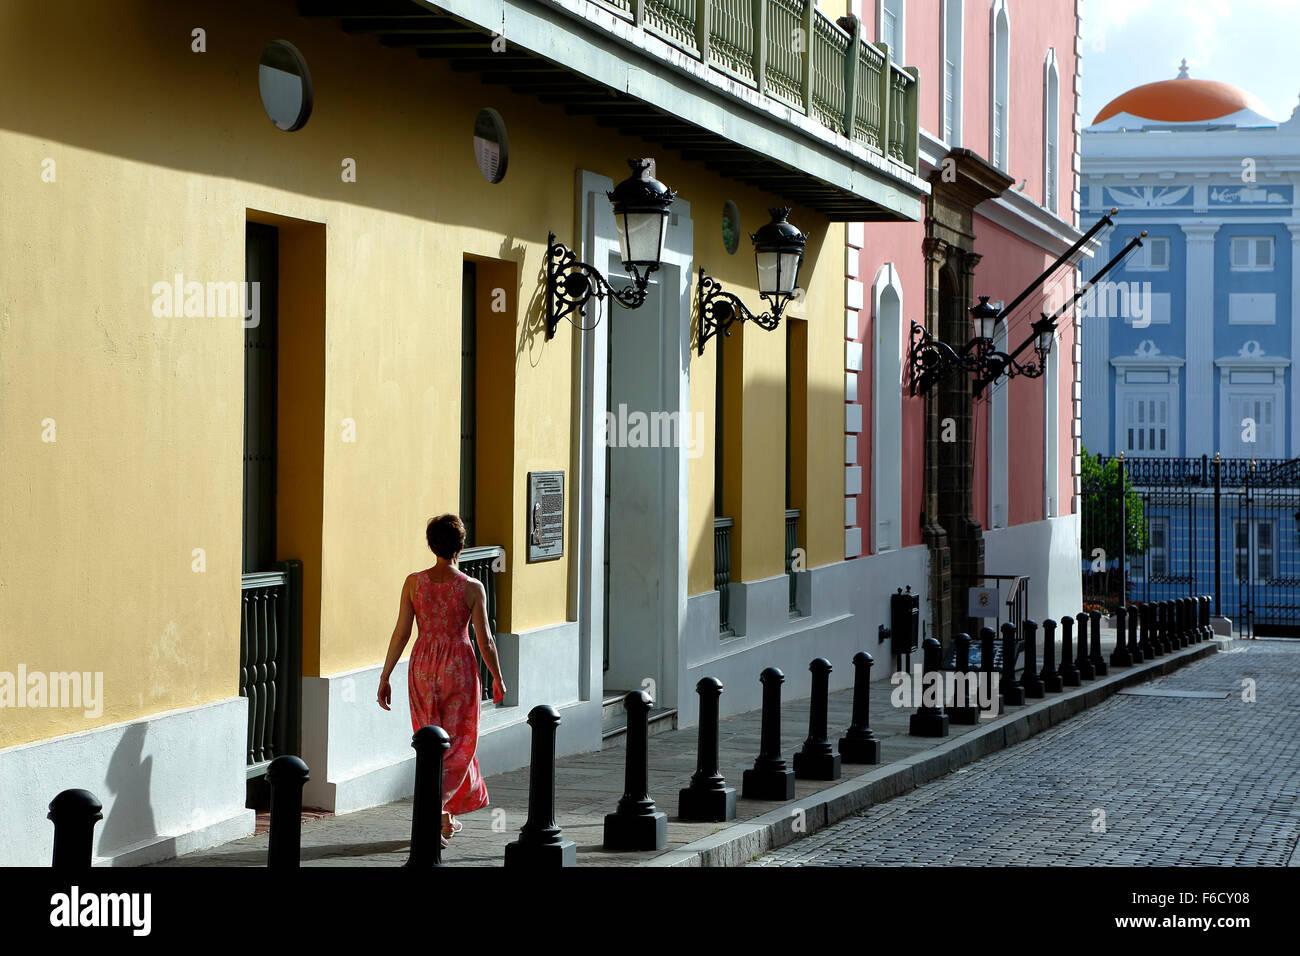 Mujer y coloridas fachadas coloniales españolas (Oficina Estatal de Preservación Histórica), Calle Fortaleza, el Viejo San Juan, Puerto Rico Foto de stock